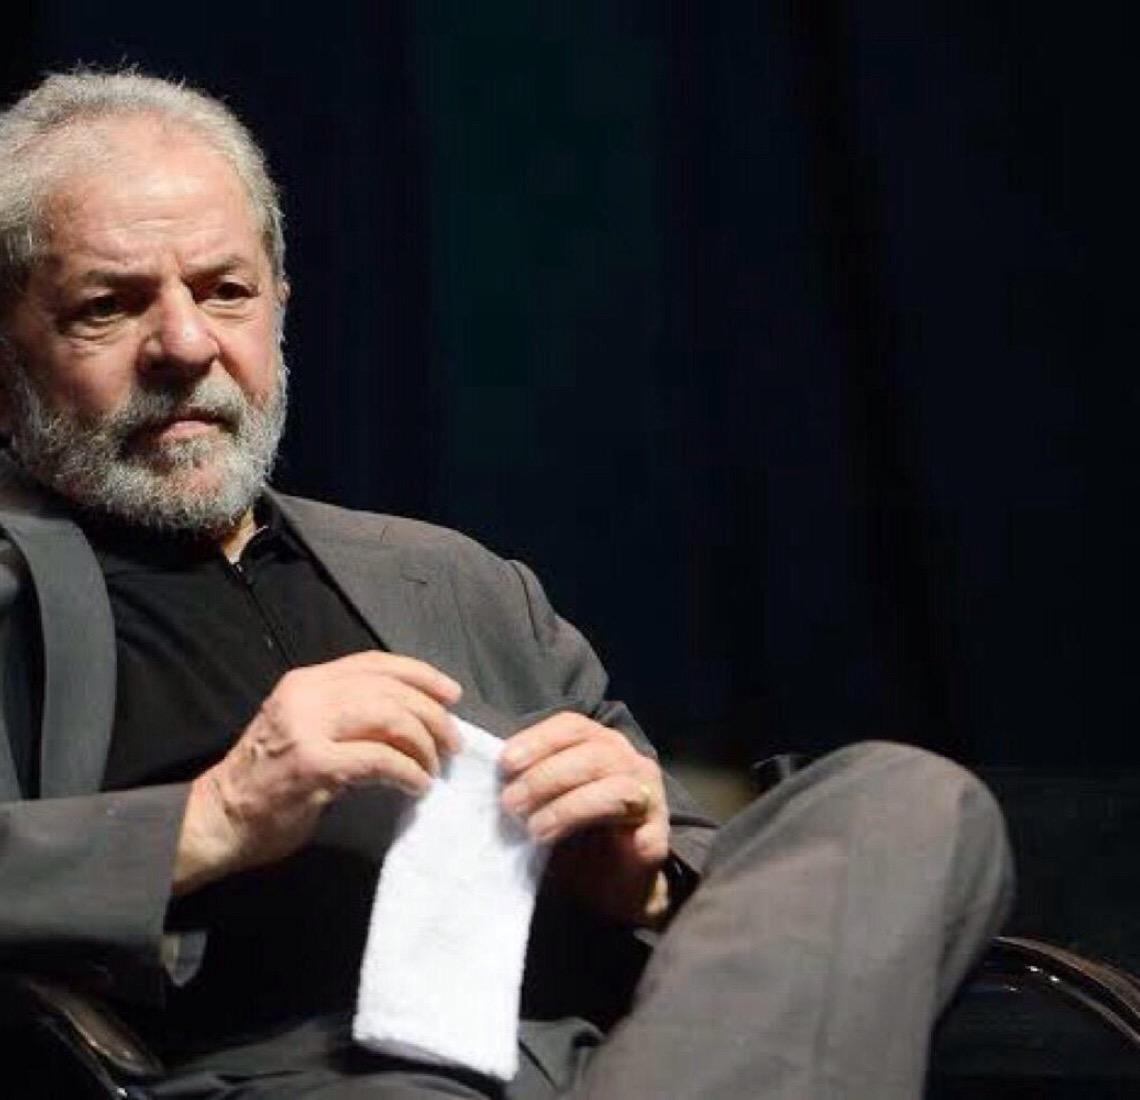 O maior problema do PT é que sequer preparou quem pudesse suceder Lula